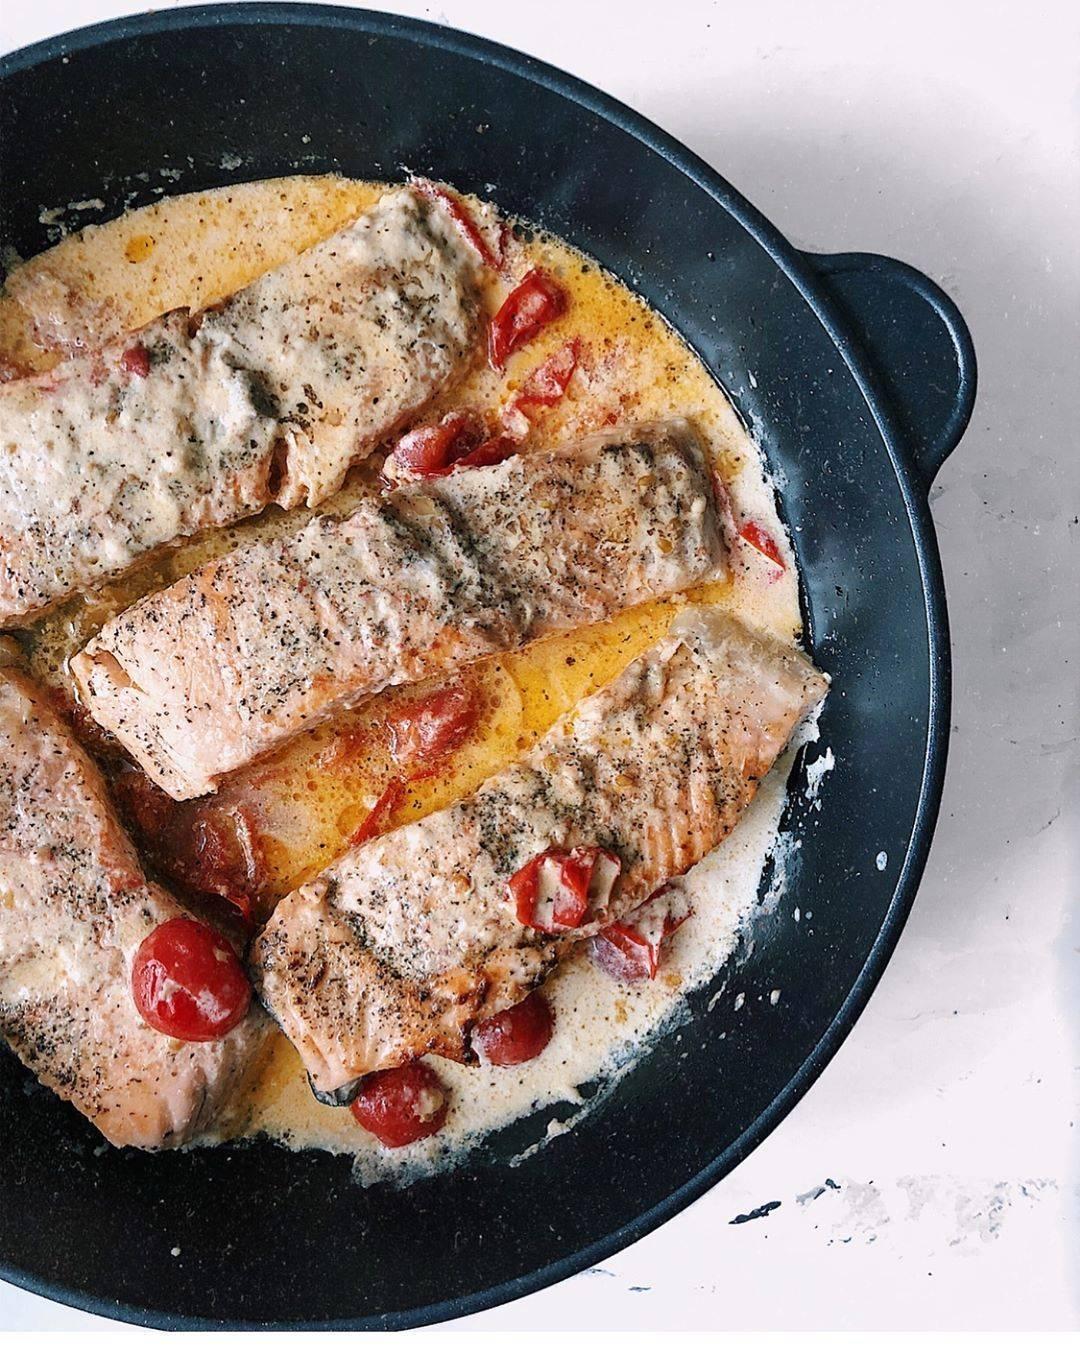 Лосось в сливочном соусе — лучшие рецепты. как правильно и вкусно приготовить лосось в сливочном соусе.